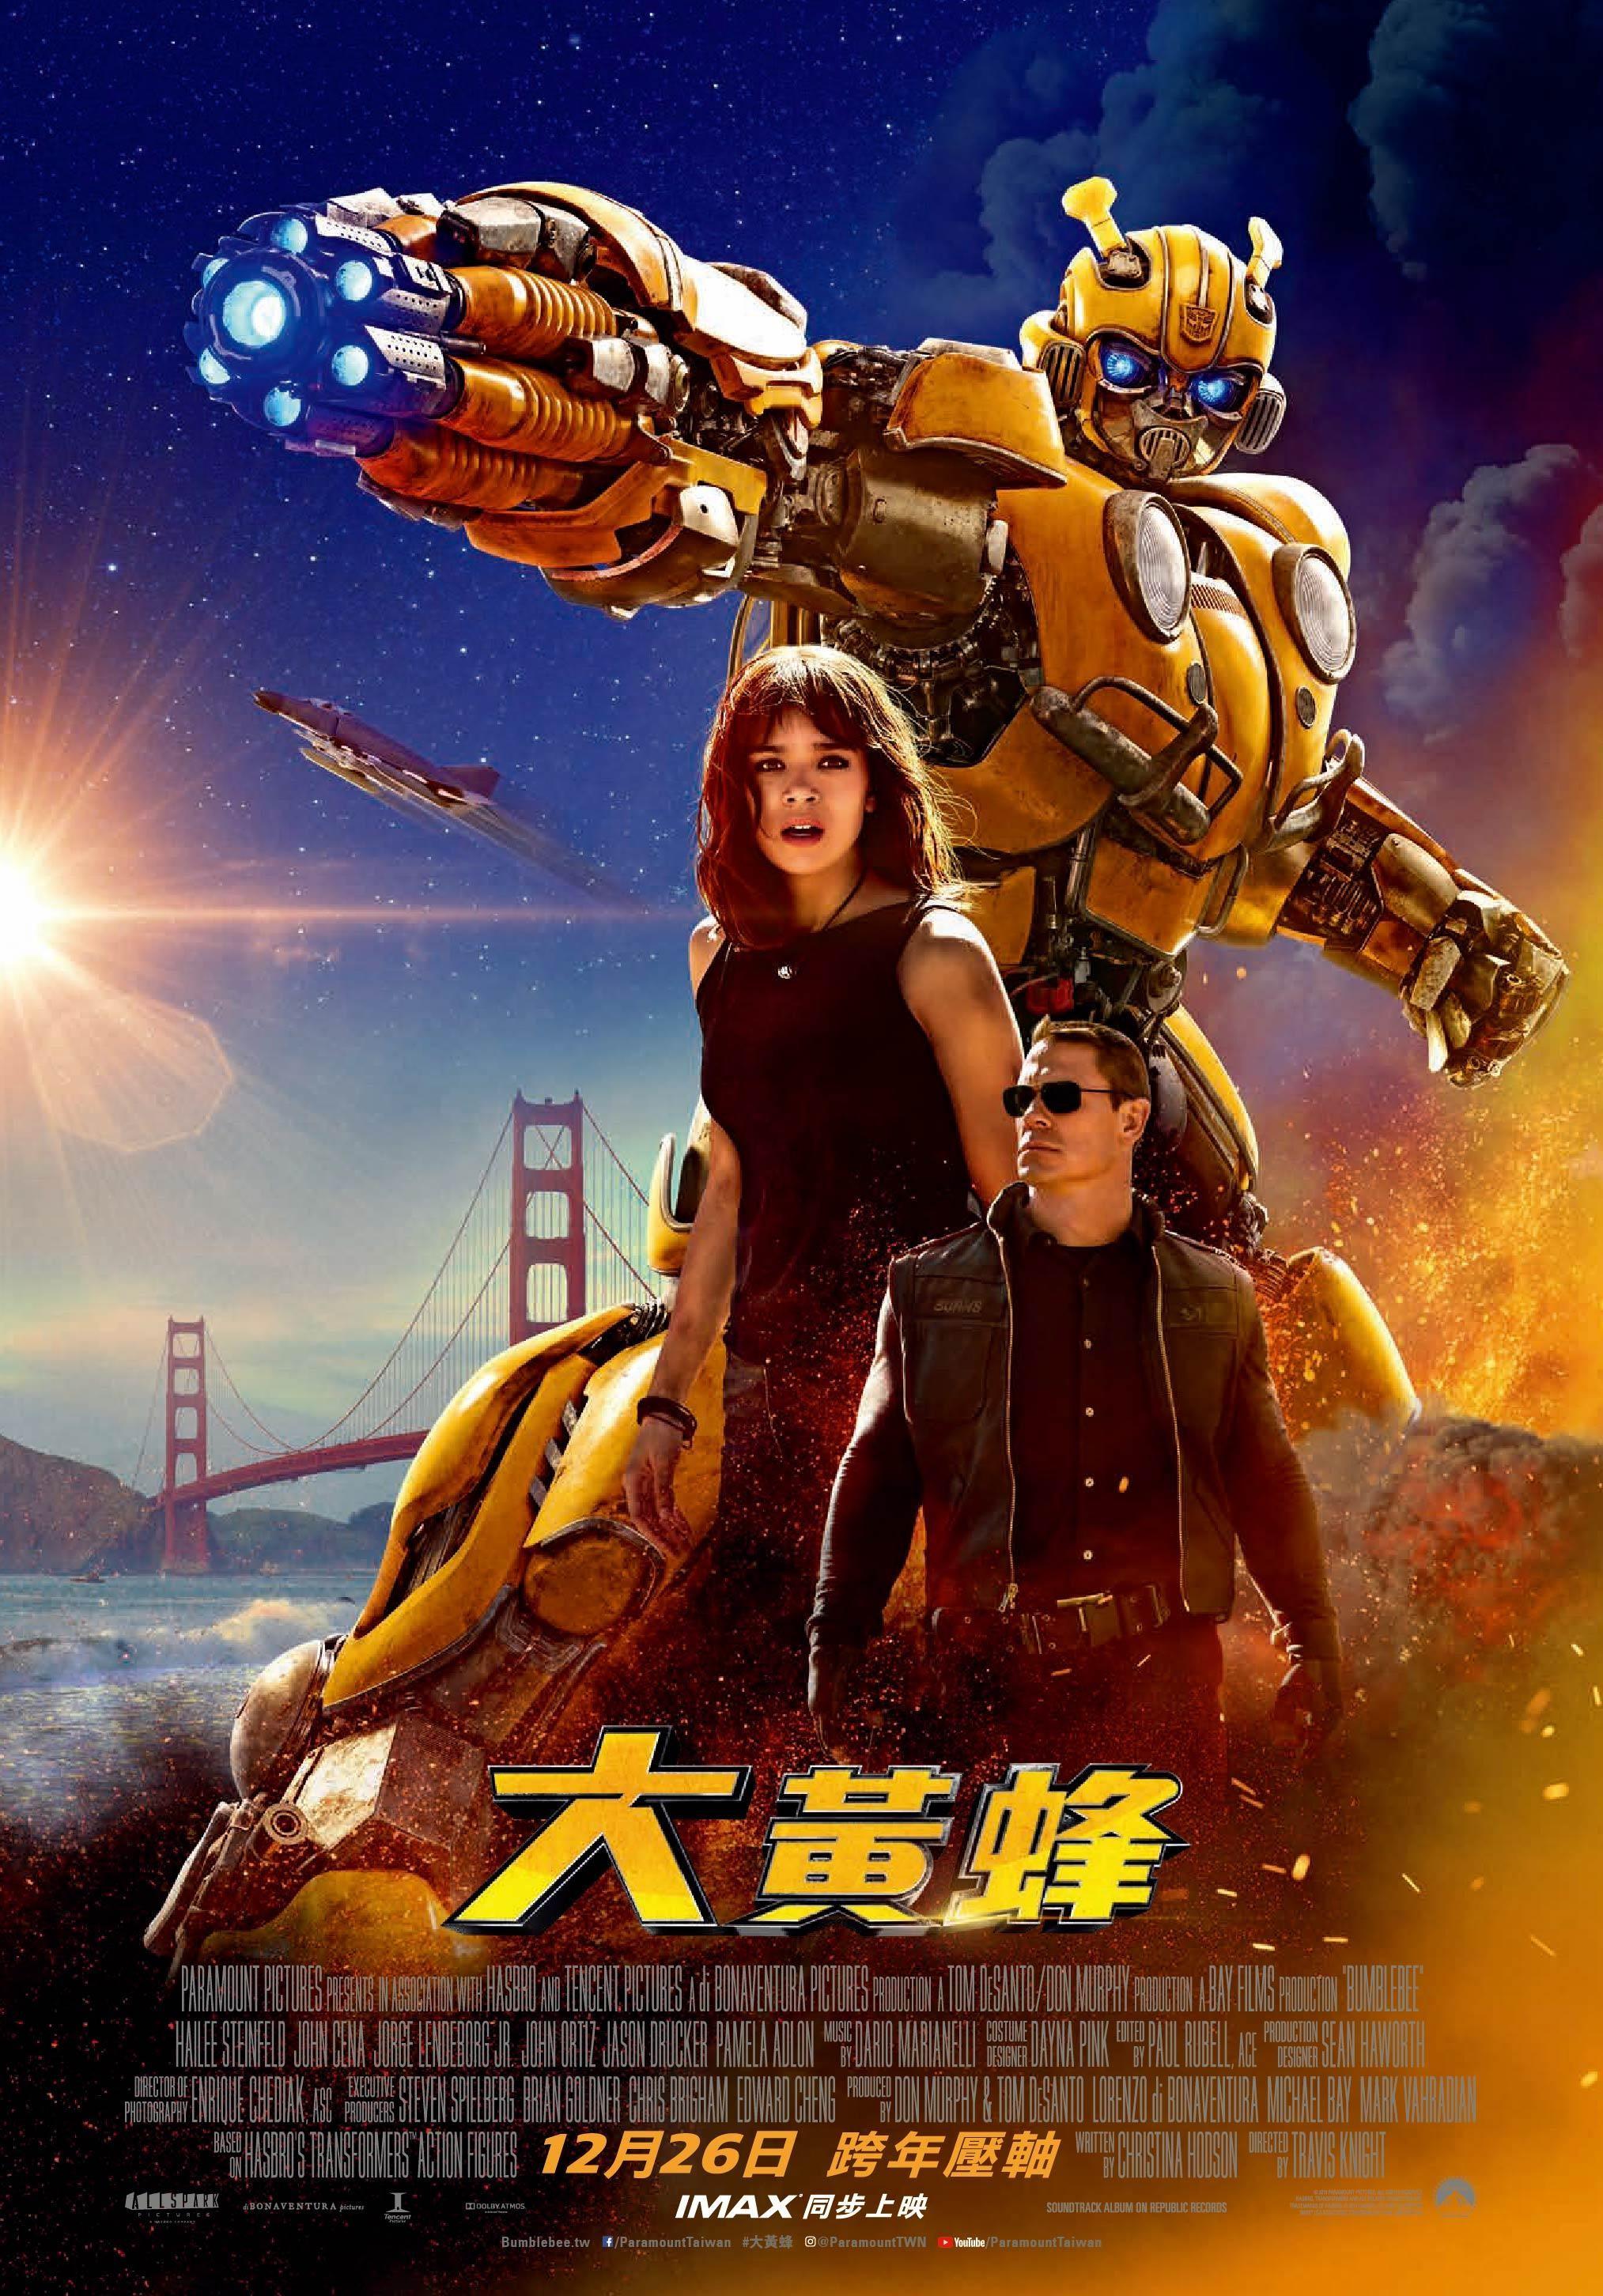 《大黃蜂》海報。(圖/派拉蒙影業提供)